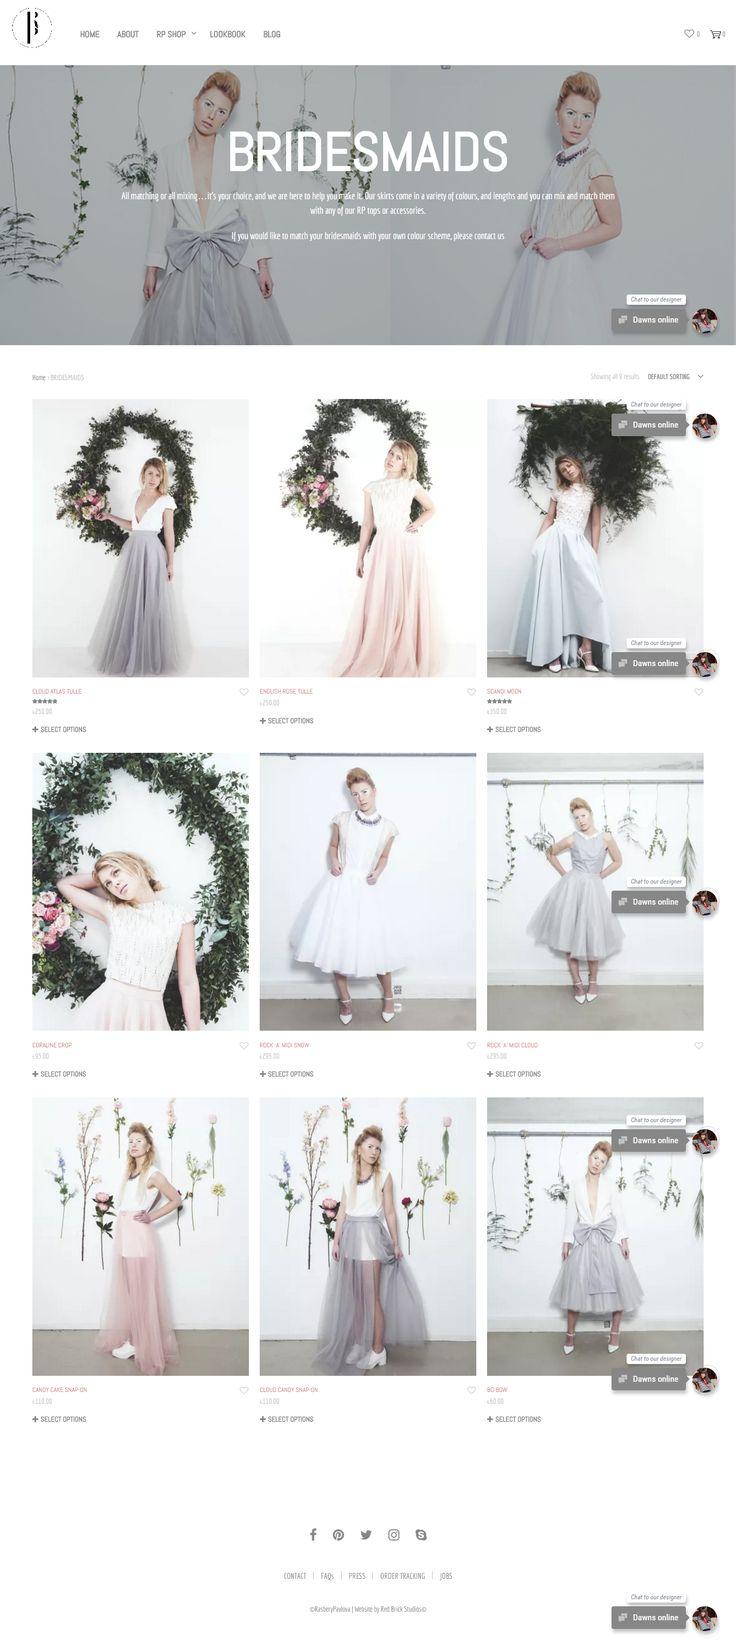 Lovely bridal site built with Shopkeeper Theme for WordPress: rasberypavlova.com. https://themeforest.net/item/shopkeeper-ecommerce-wp-theme-for-woocommerce/9553045?utm_source=pinterest.com&utm_medium=social&utm_content=rasbery-pavlova&utm_campaign=showcase #wordpress #webdesign #UX #bridal #onlineshop